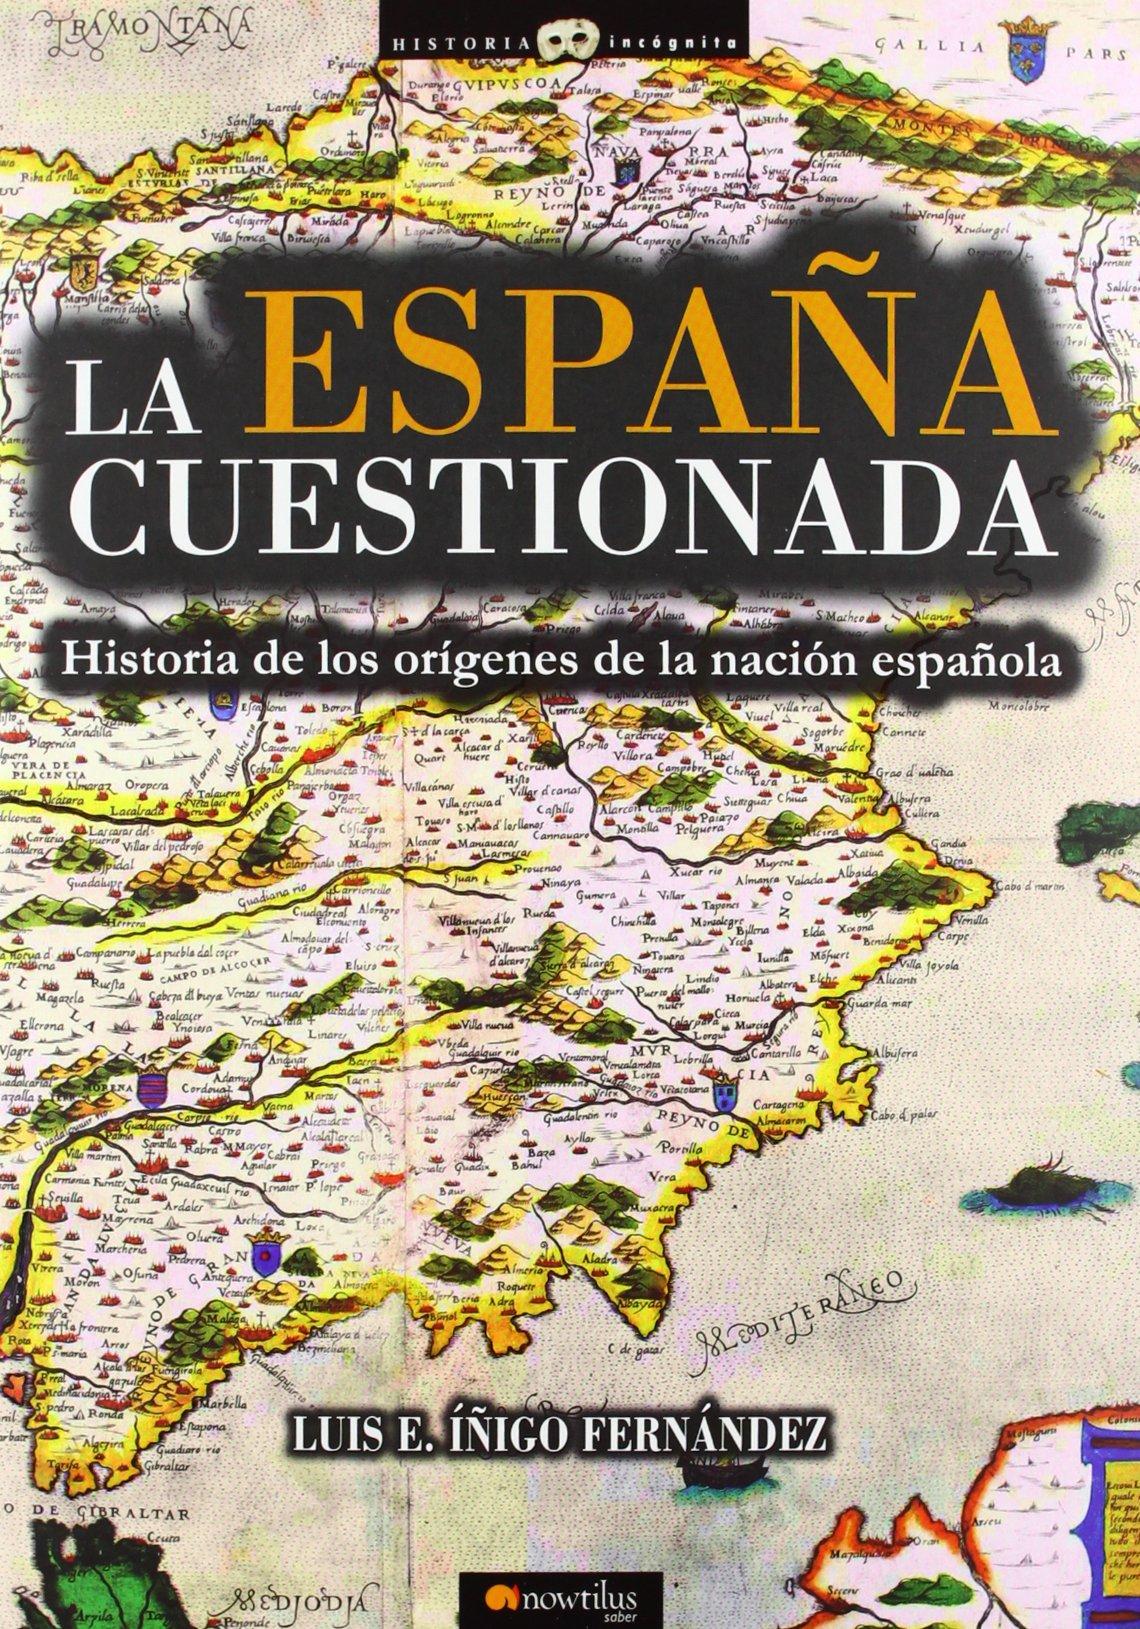 La España cuestionada (Historia Incógnita): Amazon.es: Íñigo Fernández, Luis E.: Libros